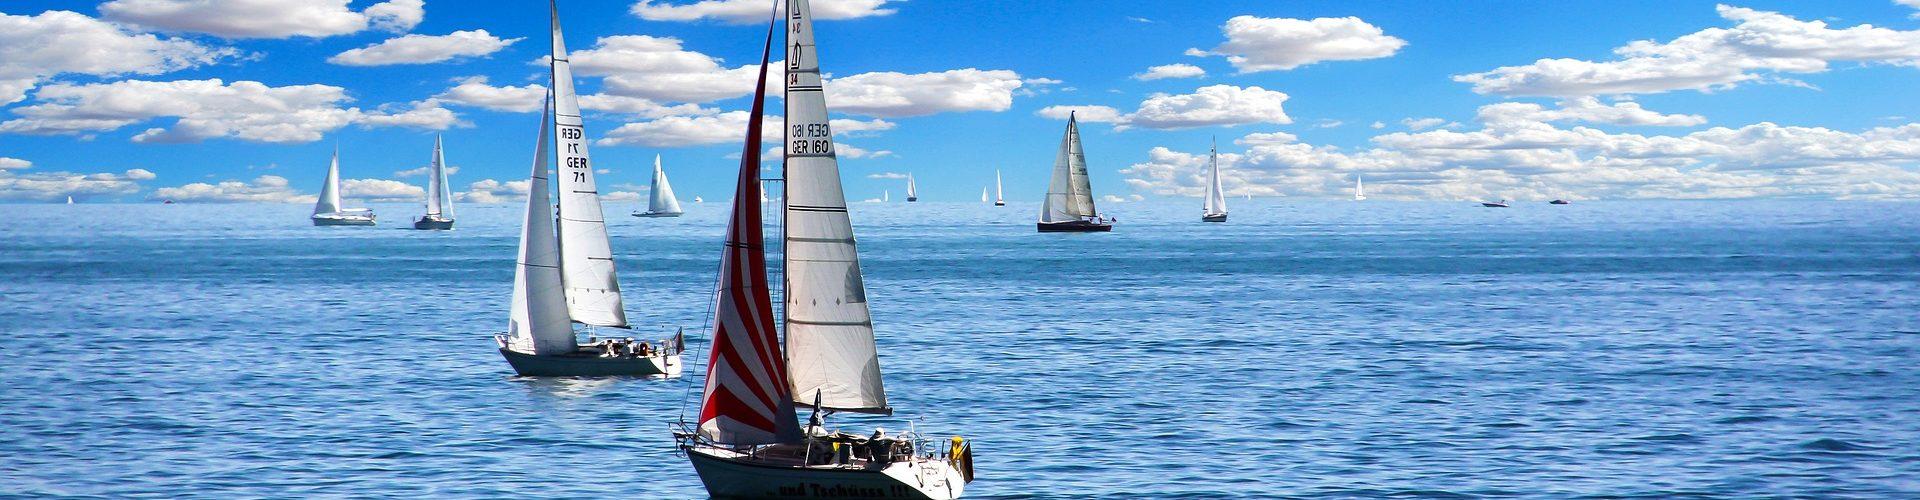 segeln lernen in Haag segelschein machen in Haag 1920x500 - Segeln lernen in Haag